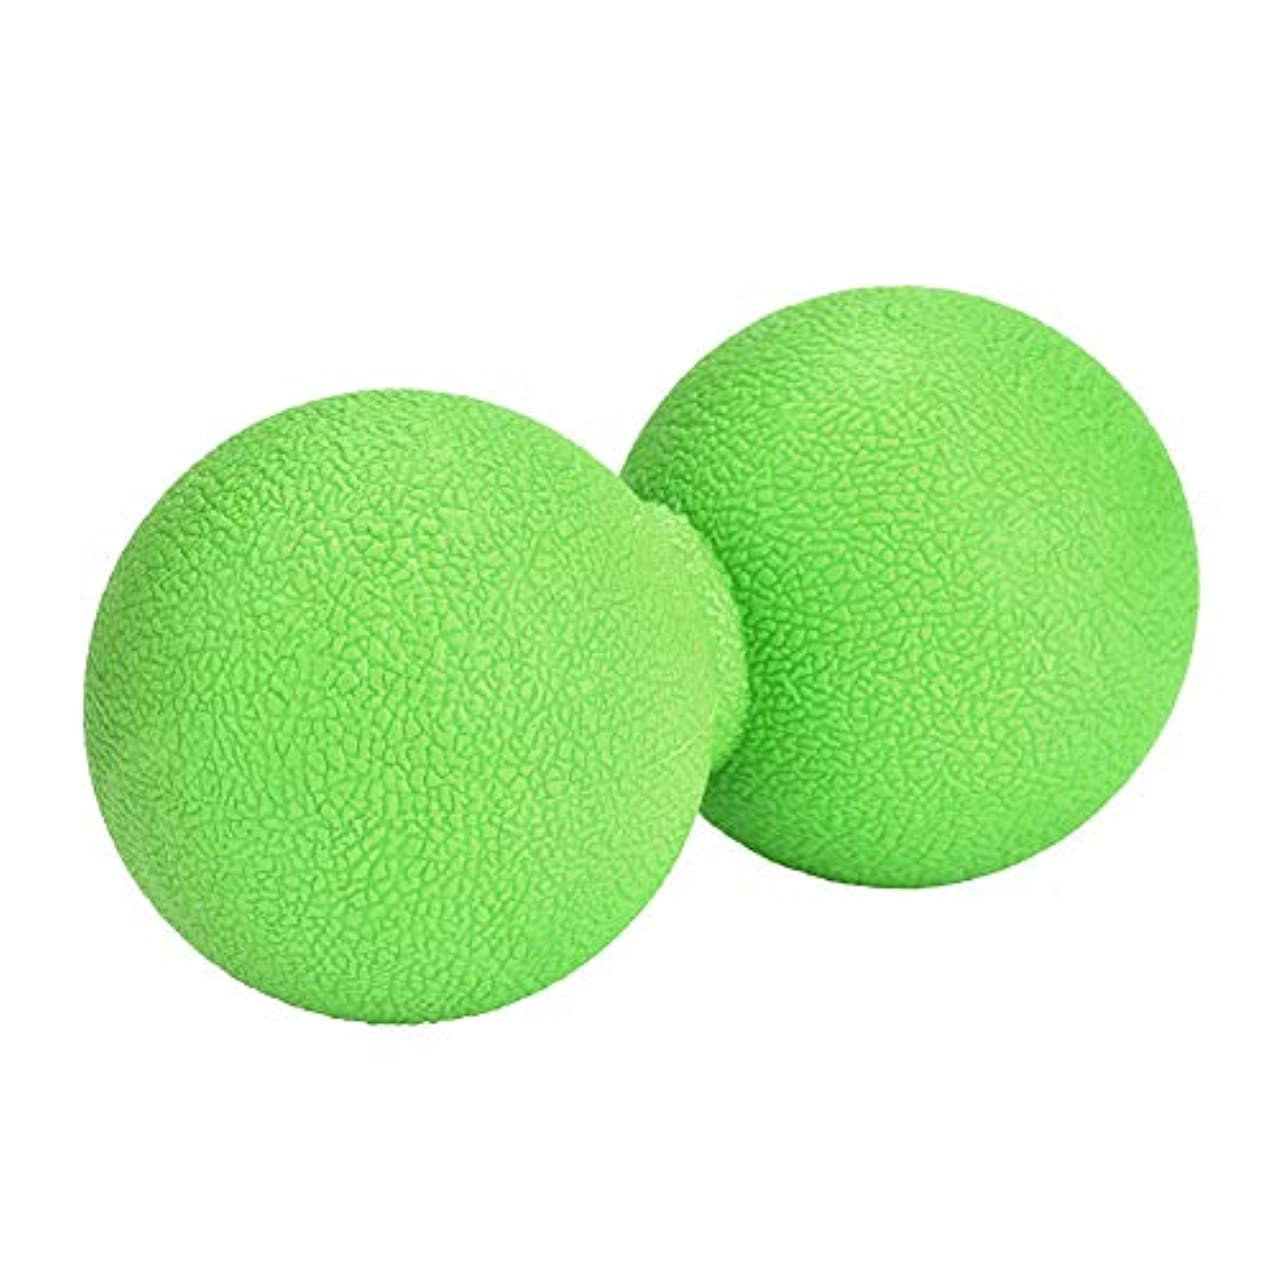 新しさそのような限りマッサージボール ストレッチボール ピーナッツ型 ヨガボール 首 背中 肩こり 腰 ふくらはぎ 足裏 筋膜リリース トレーニング